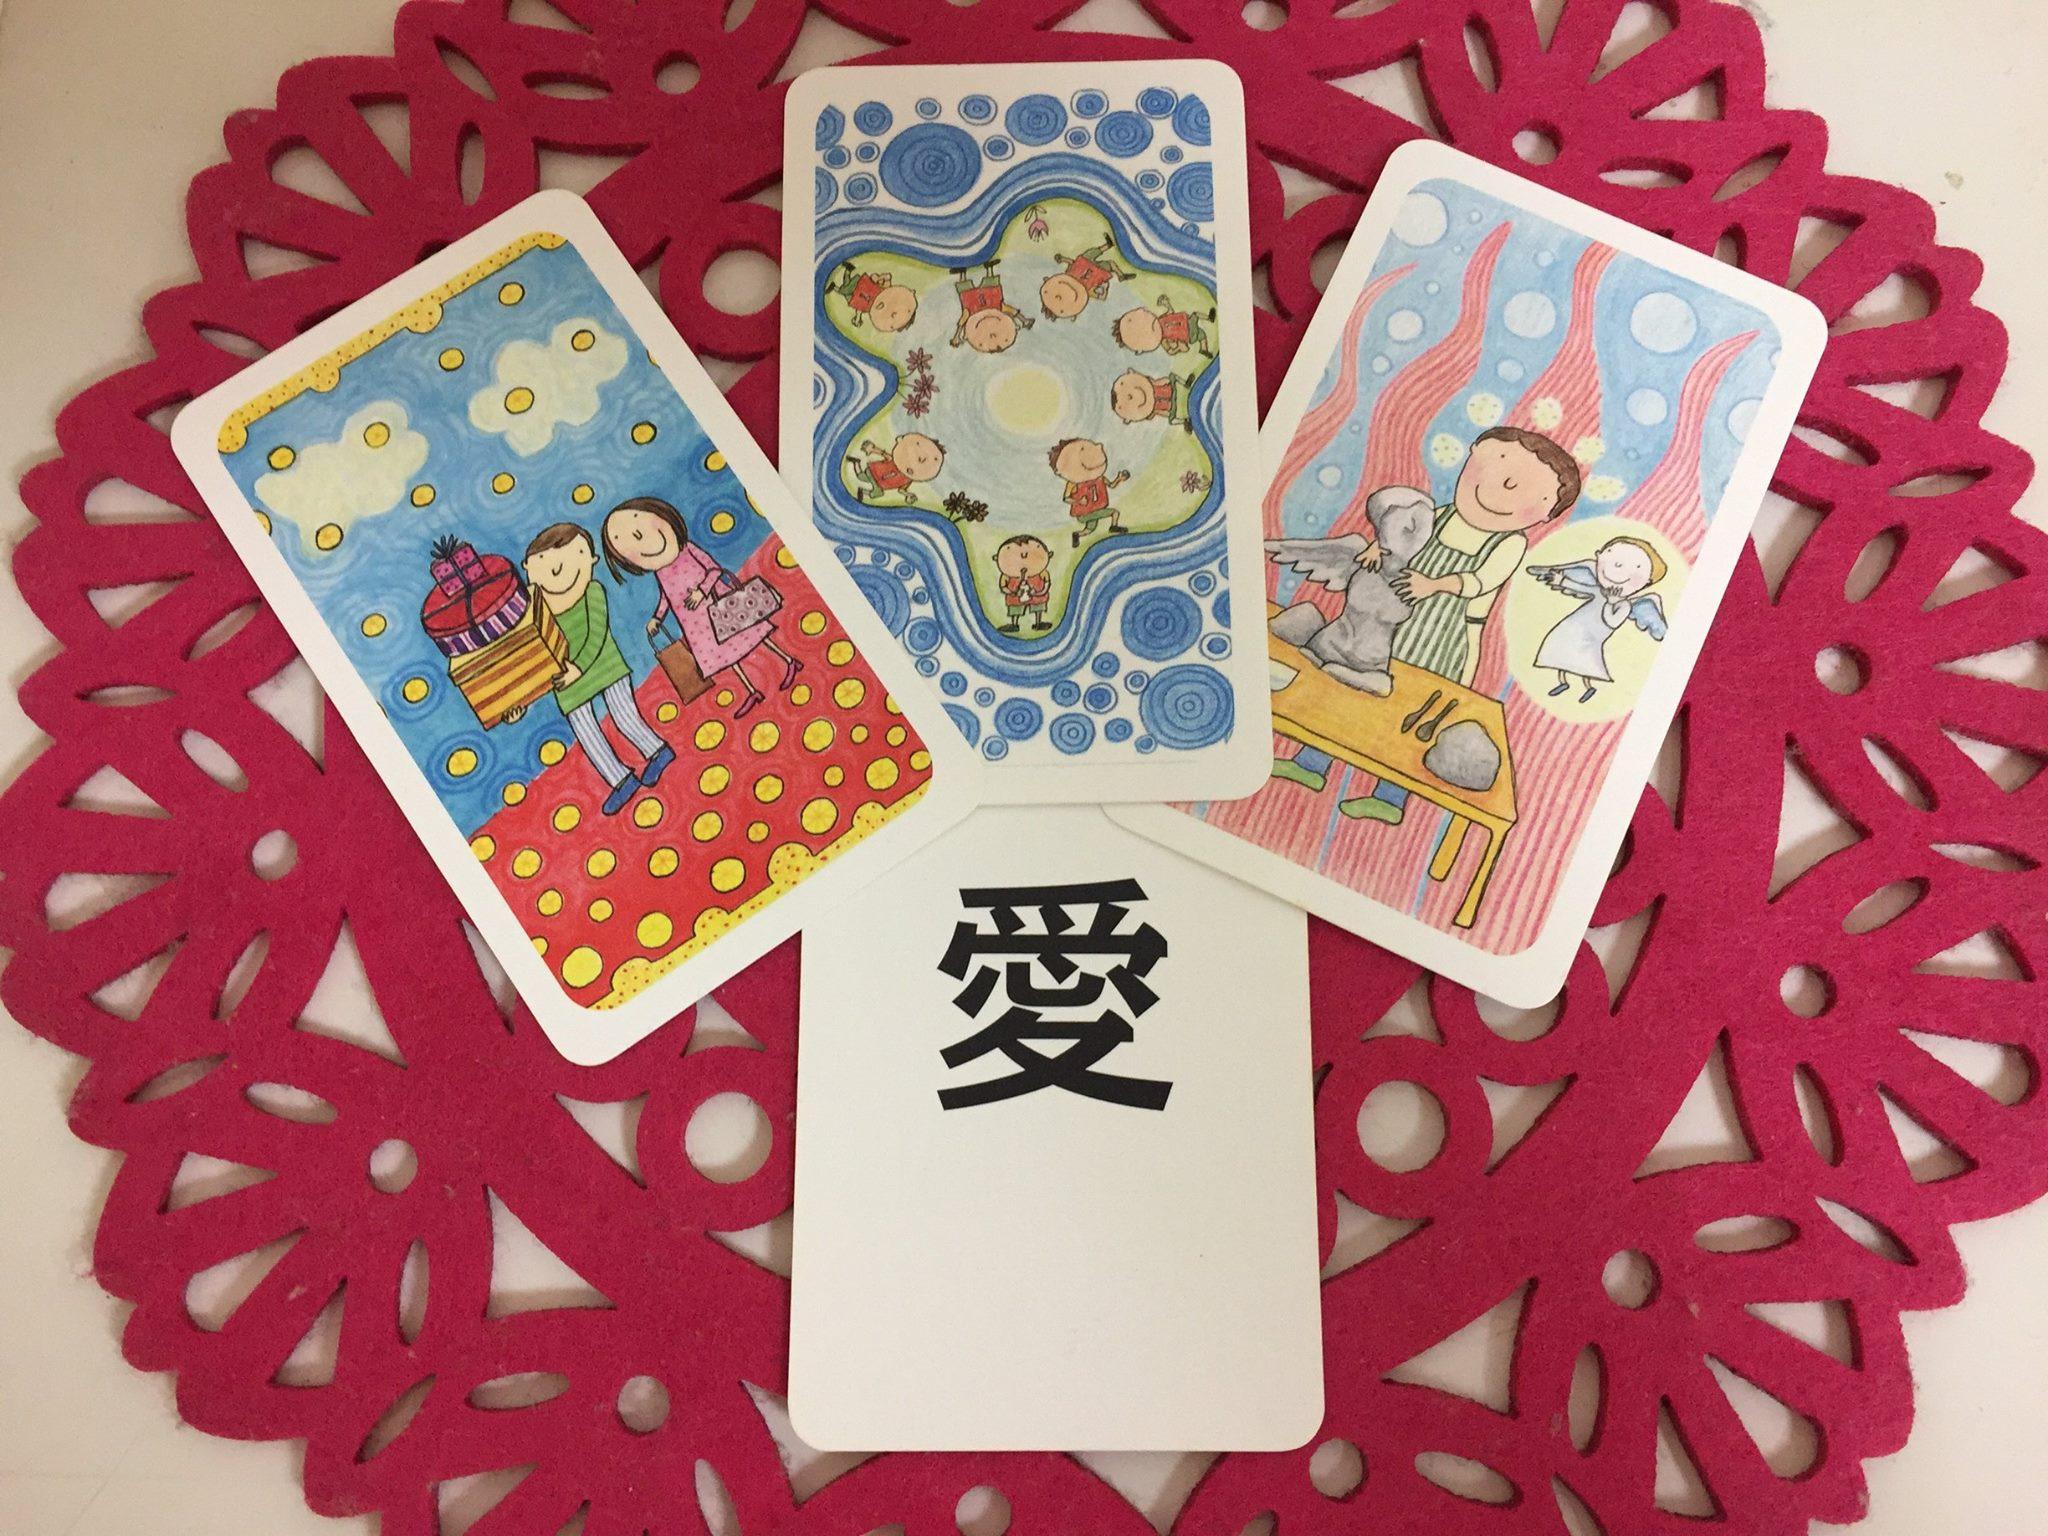 【感想】魔法の質問カード体験セッション@沖縄・福岡